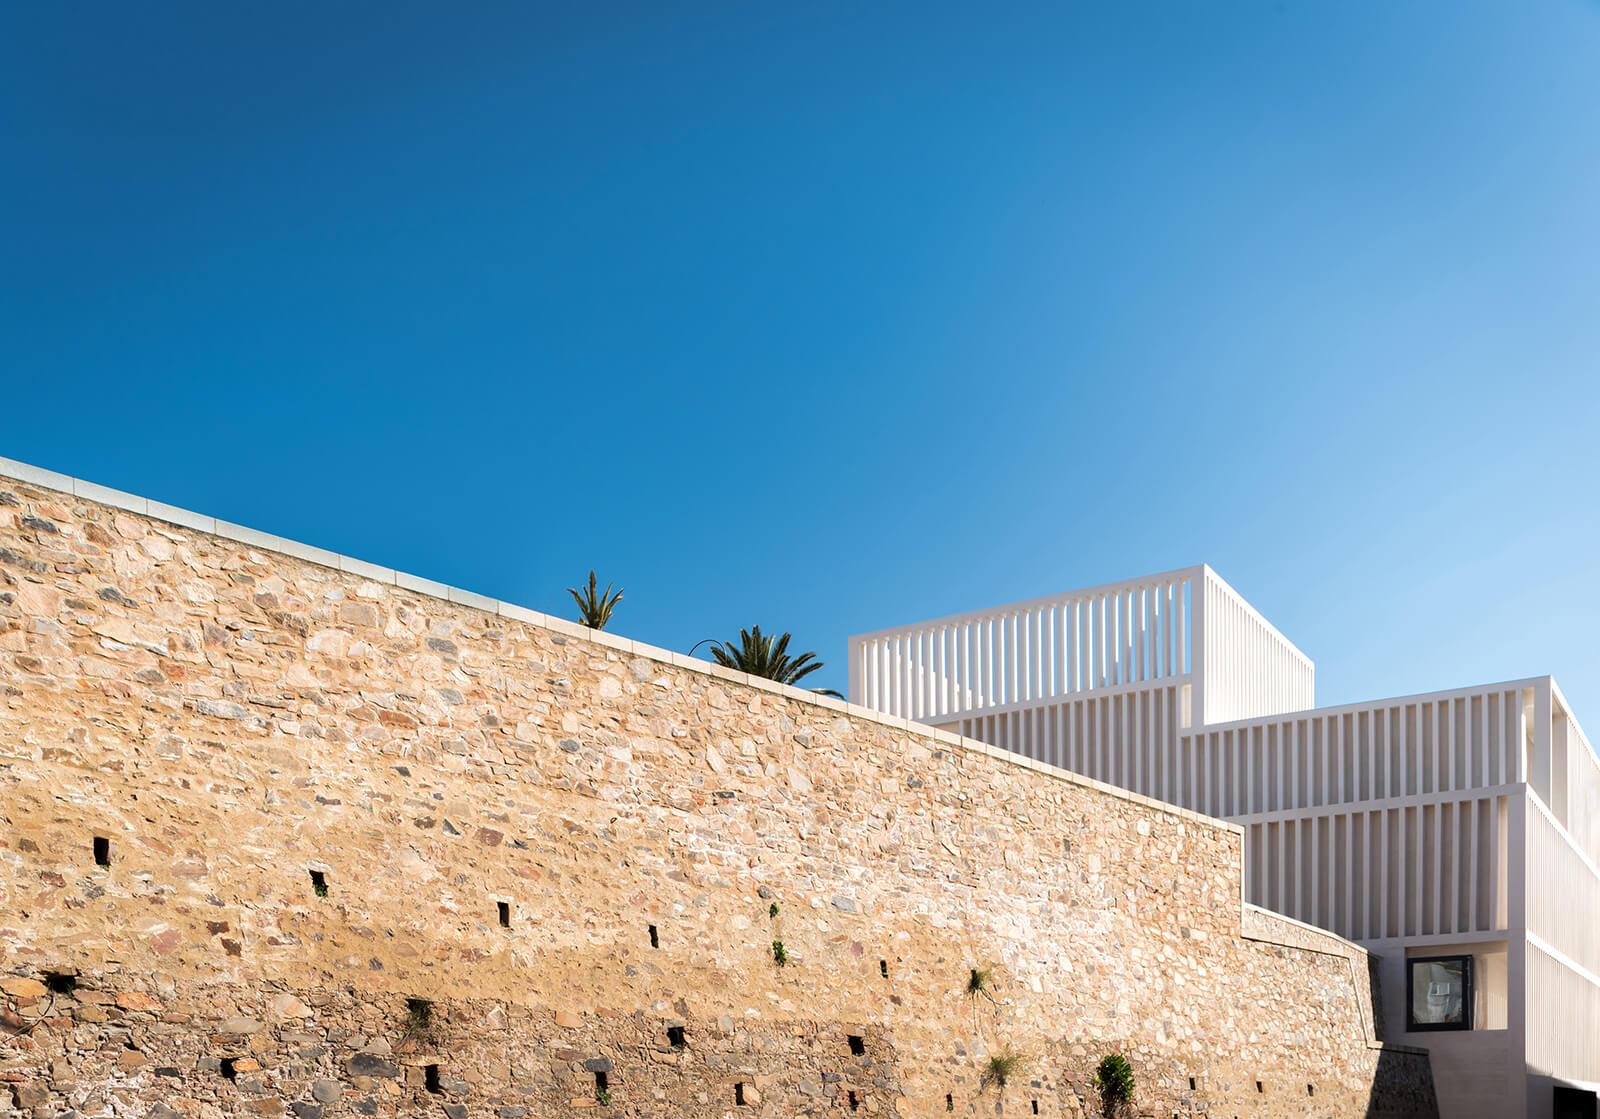 Museo de Arte Contemporáneo Helga de Alvear  - 2 34